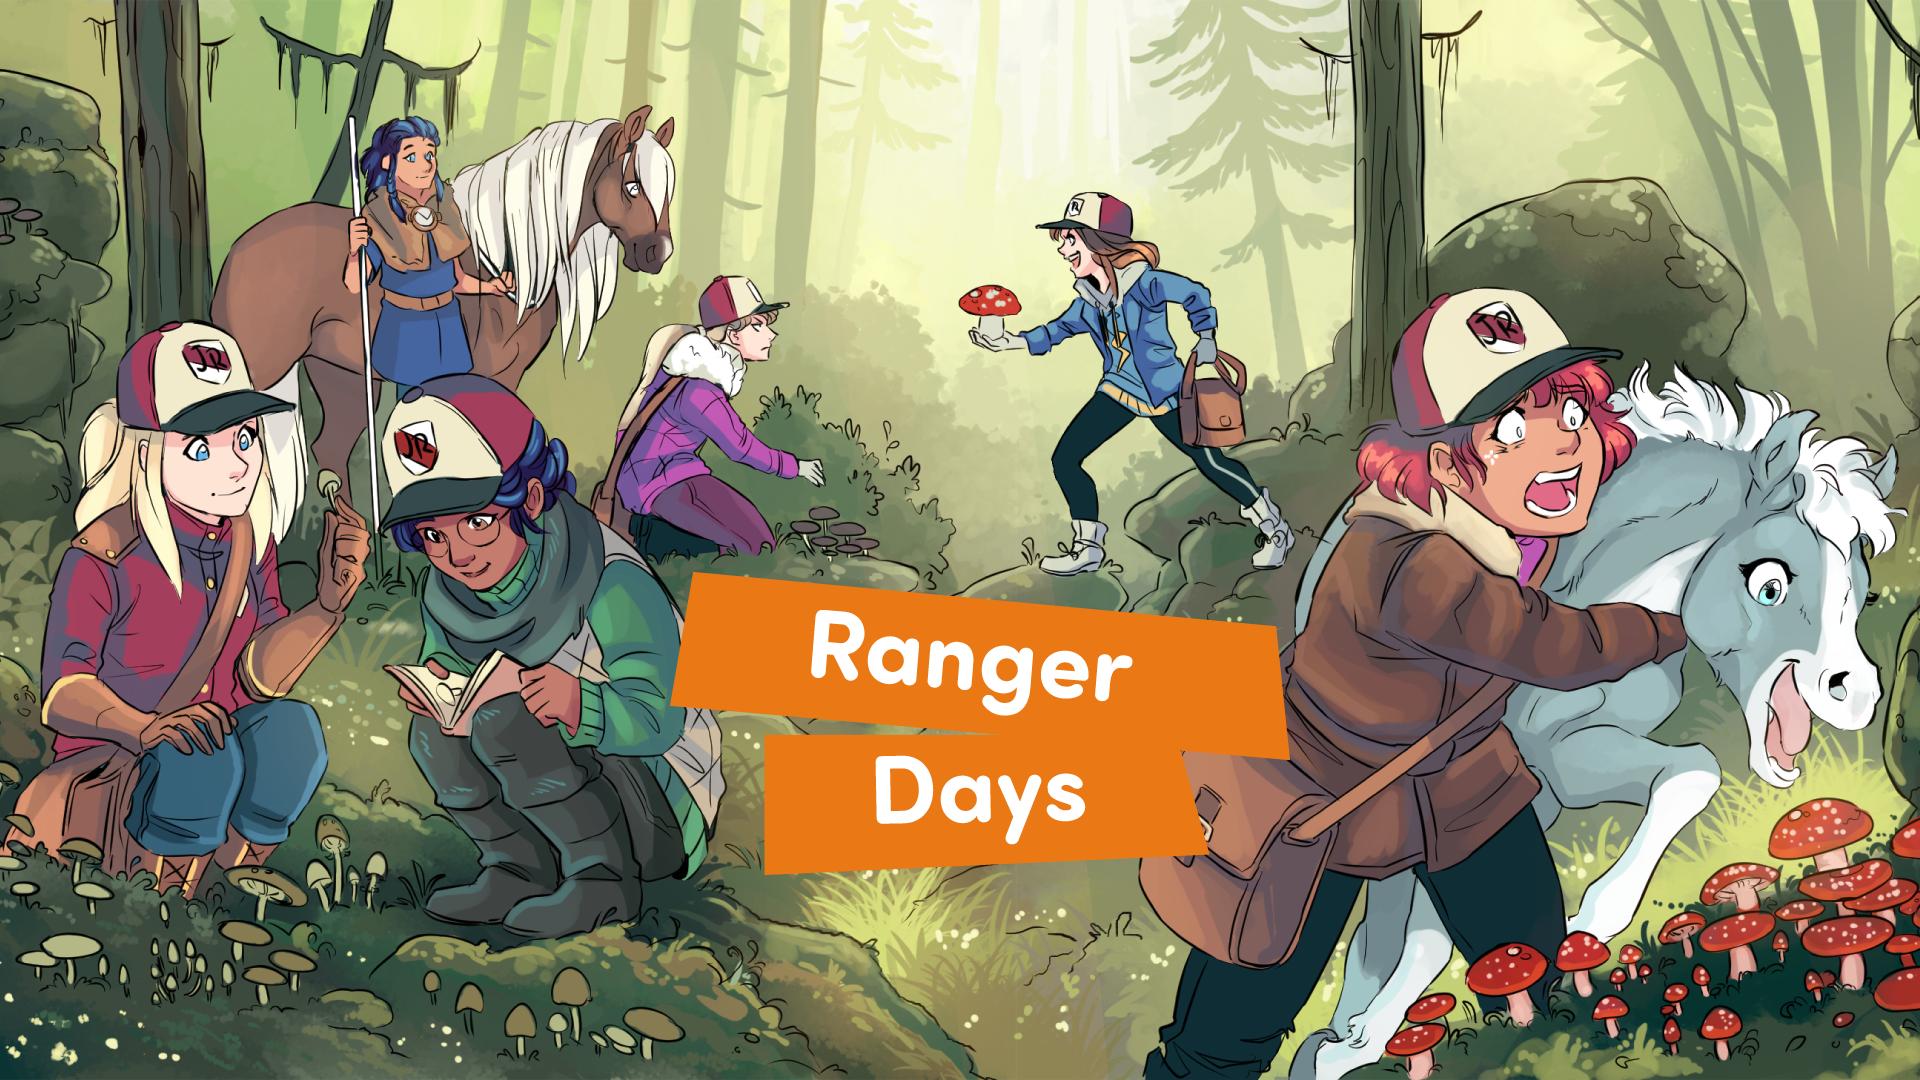 Ranger Days